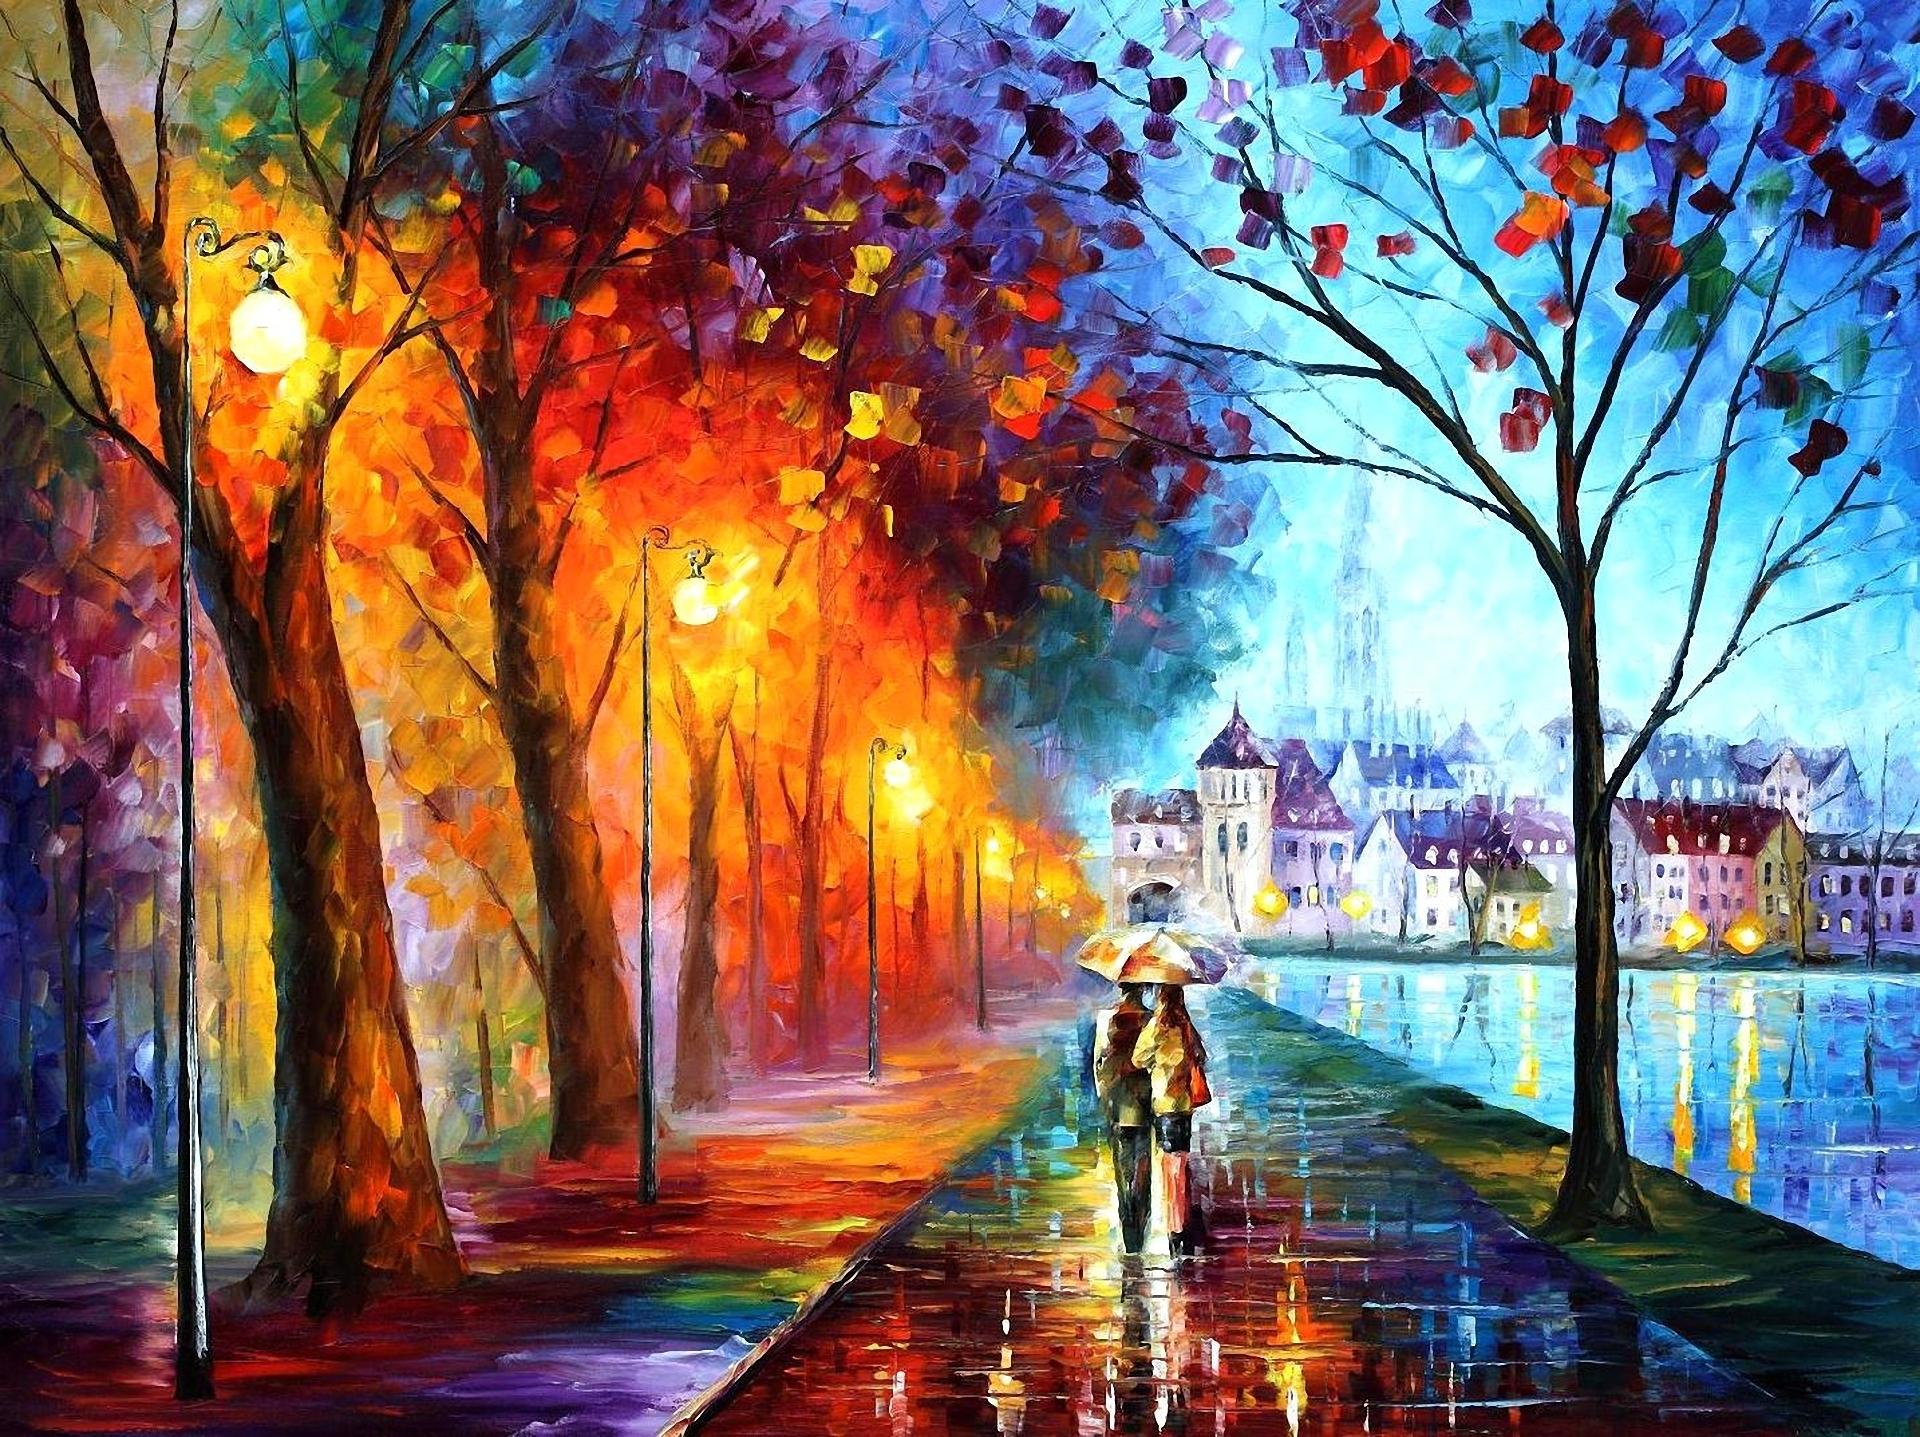 совершенно нужен красивые картинки с цветным фонарем сына салон красоты